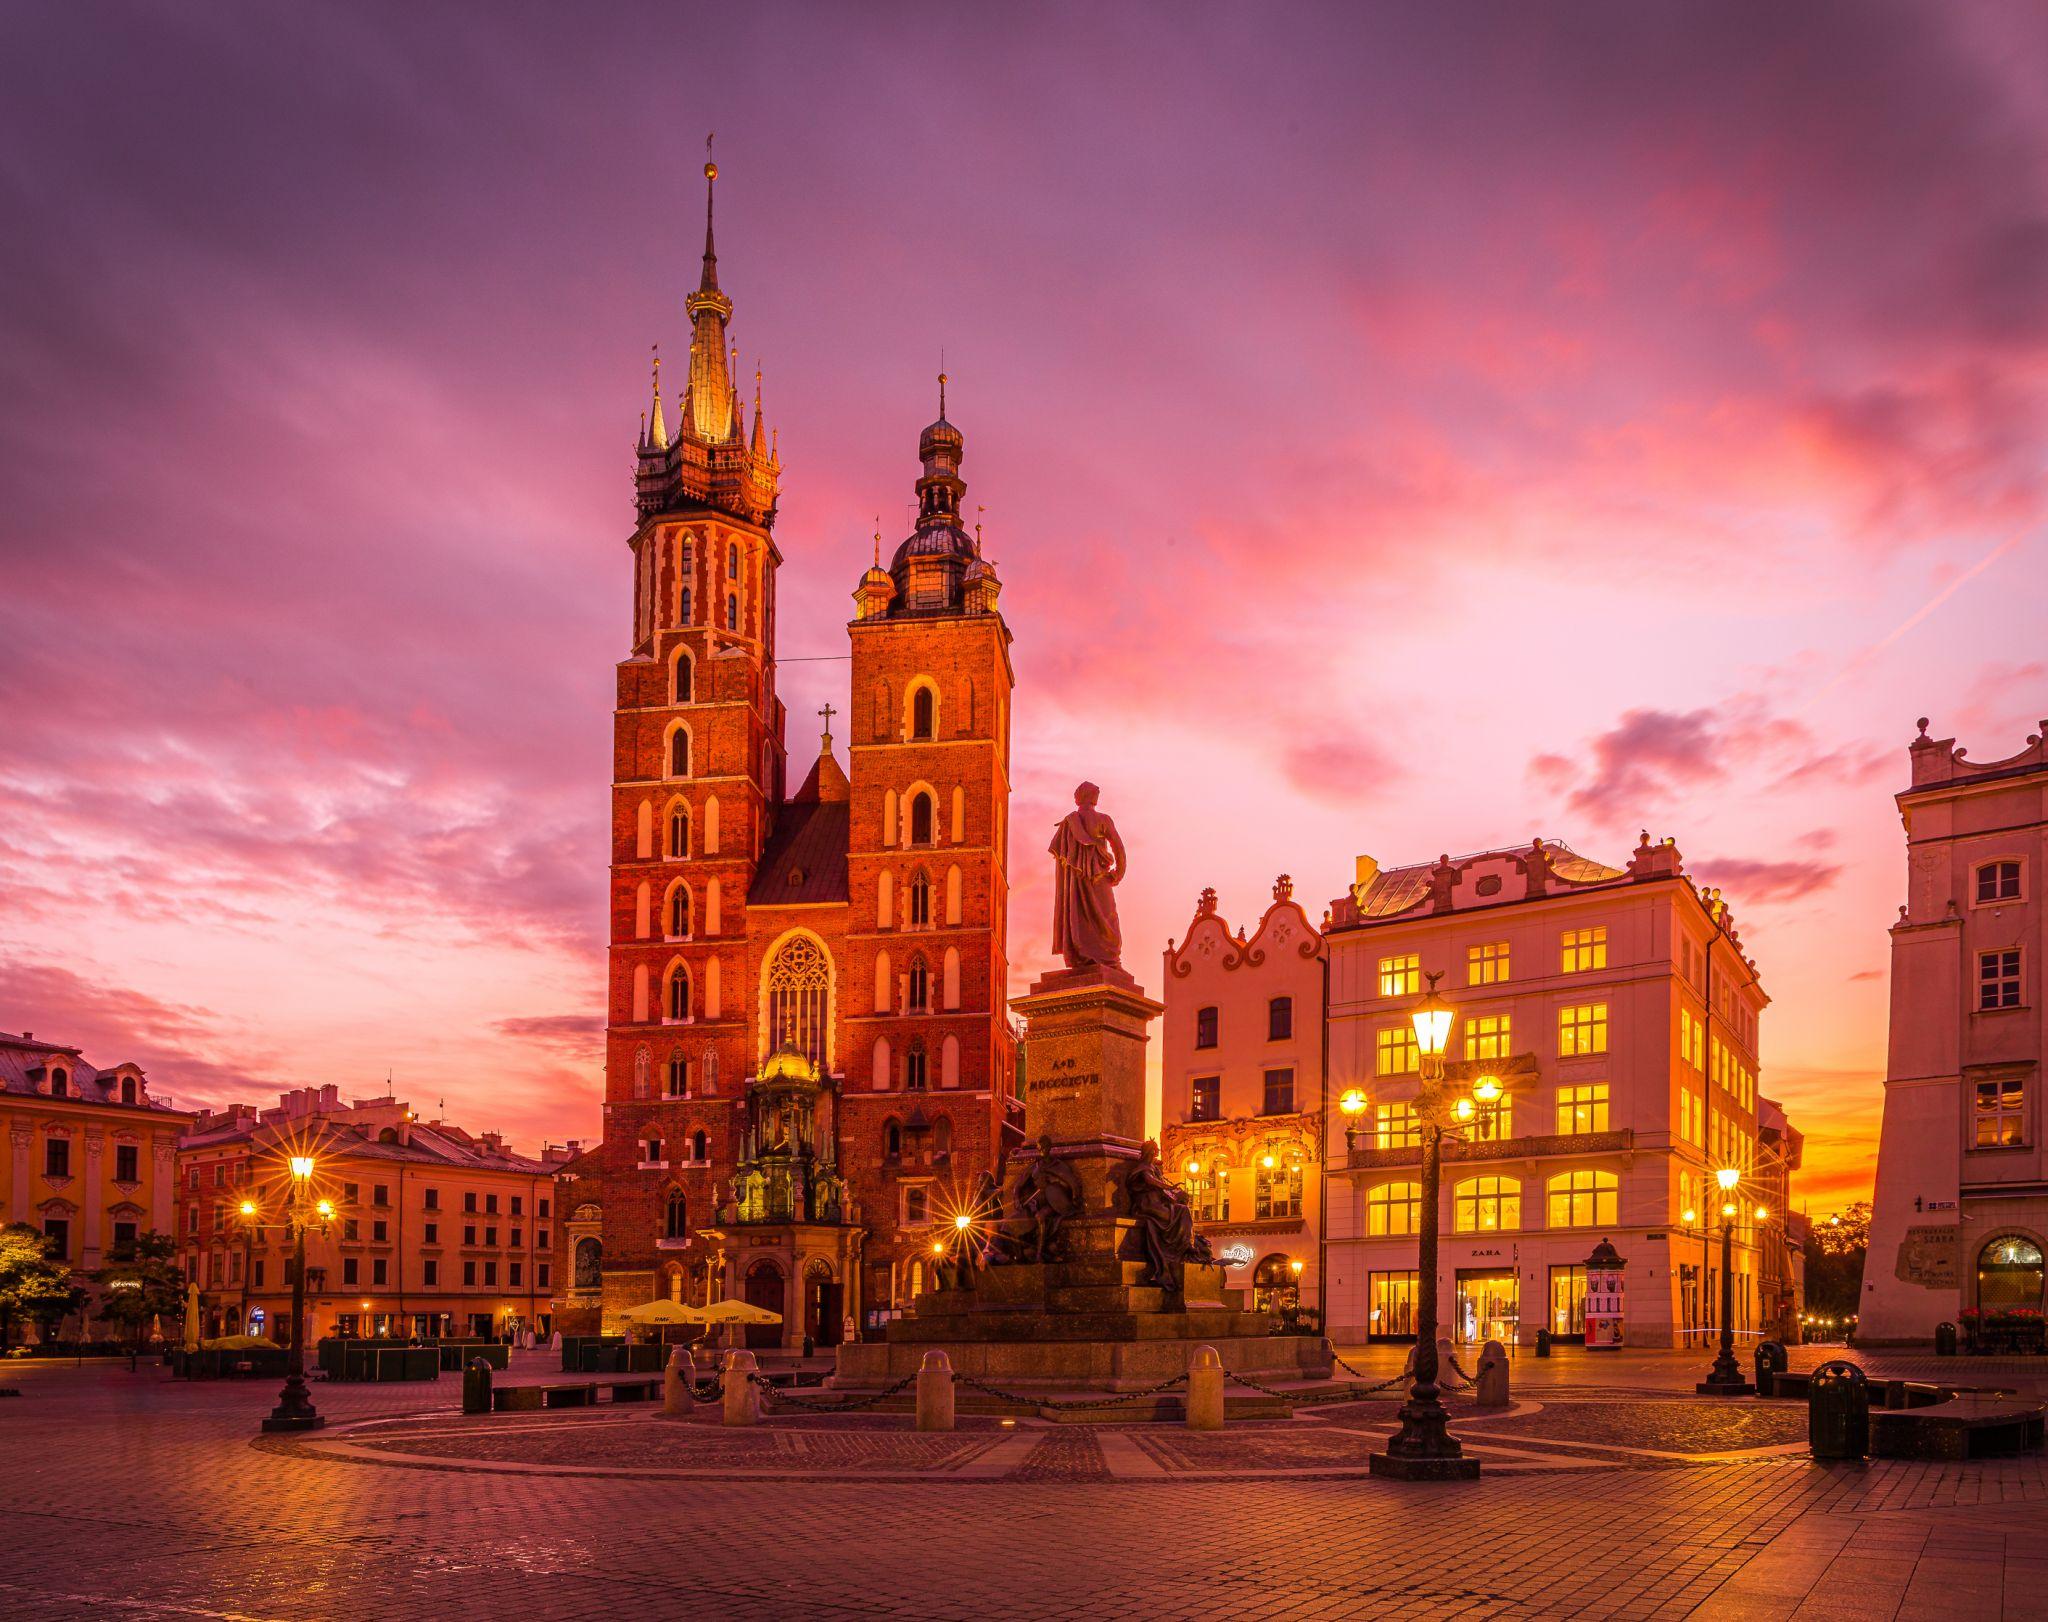 St. Mary's Basilica, Poland